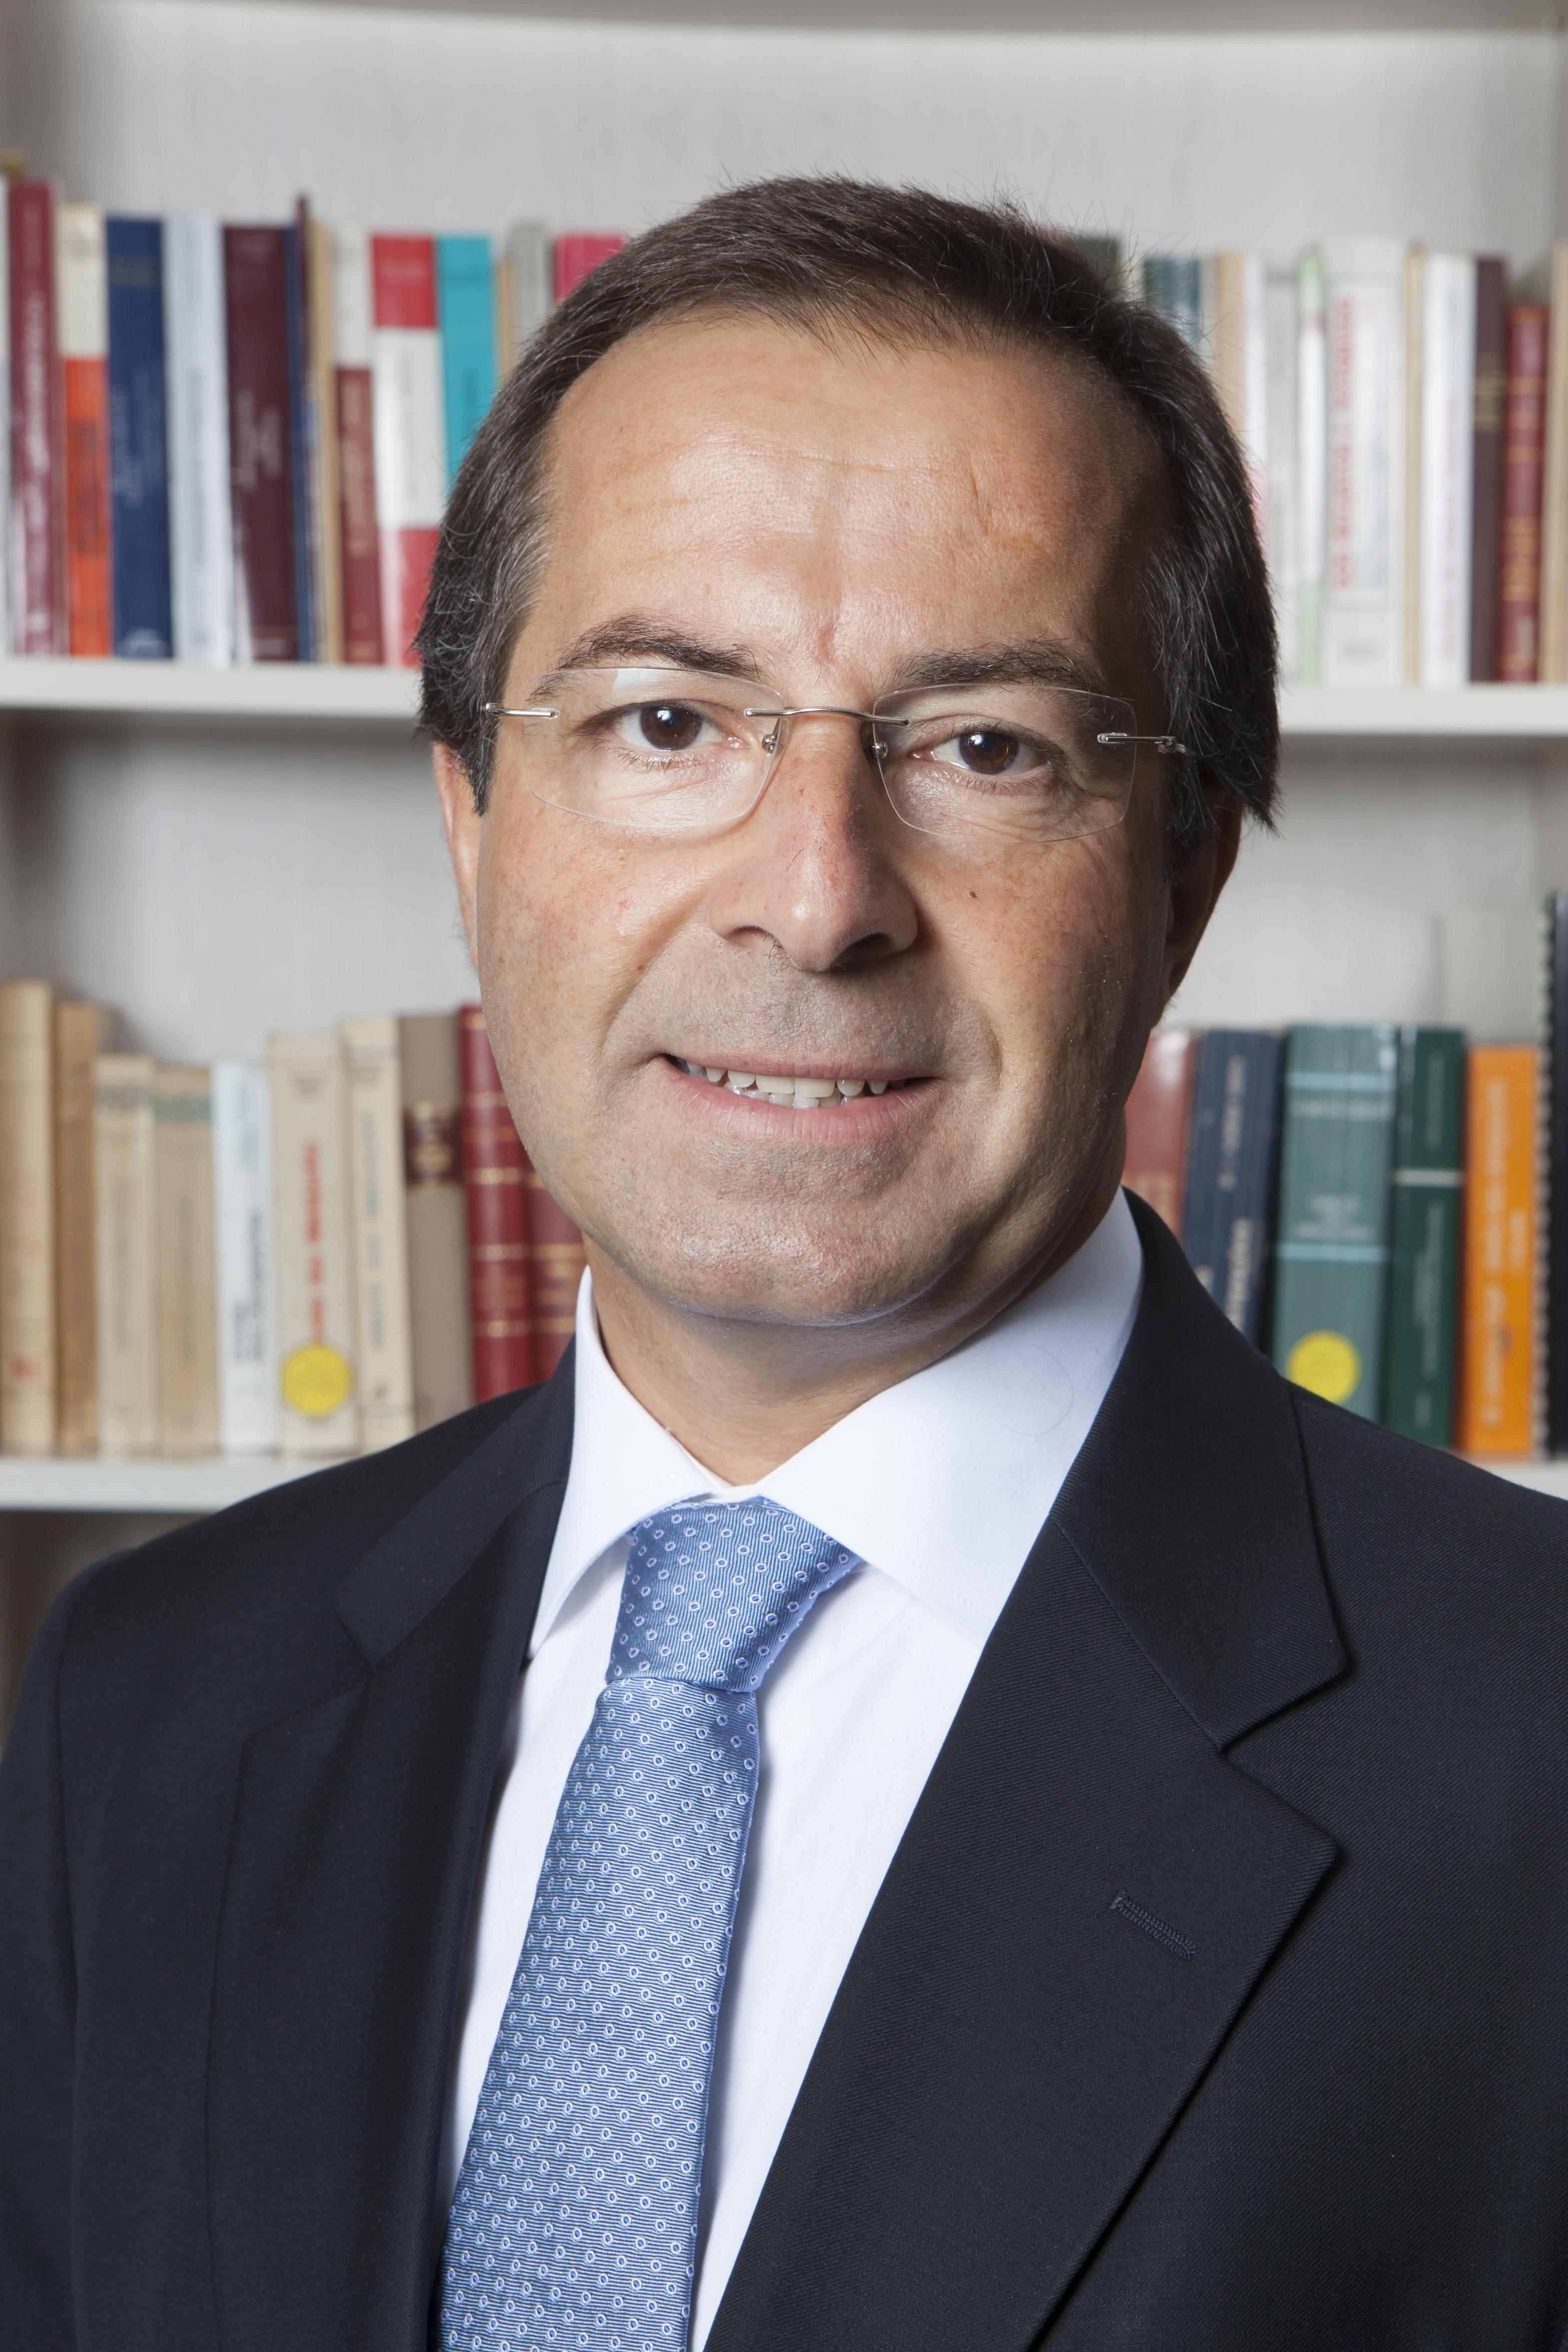 Jorge Gonalves